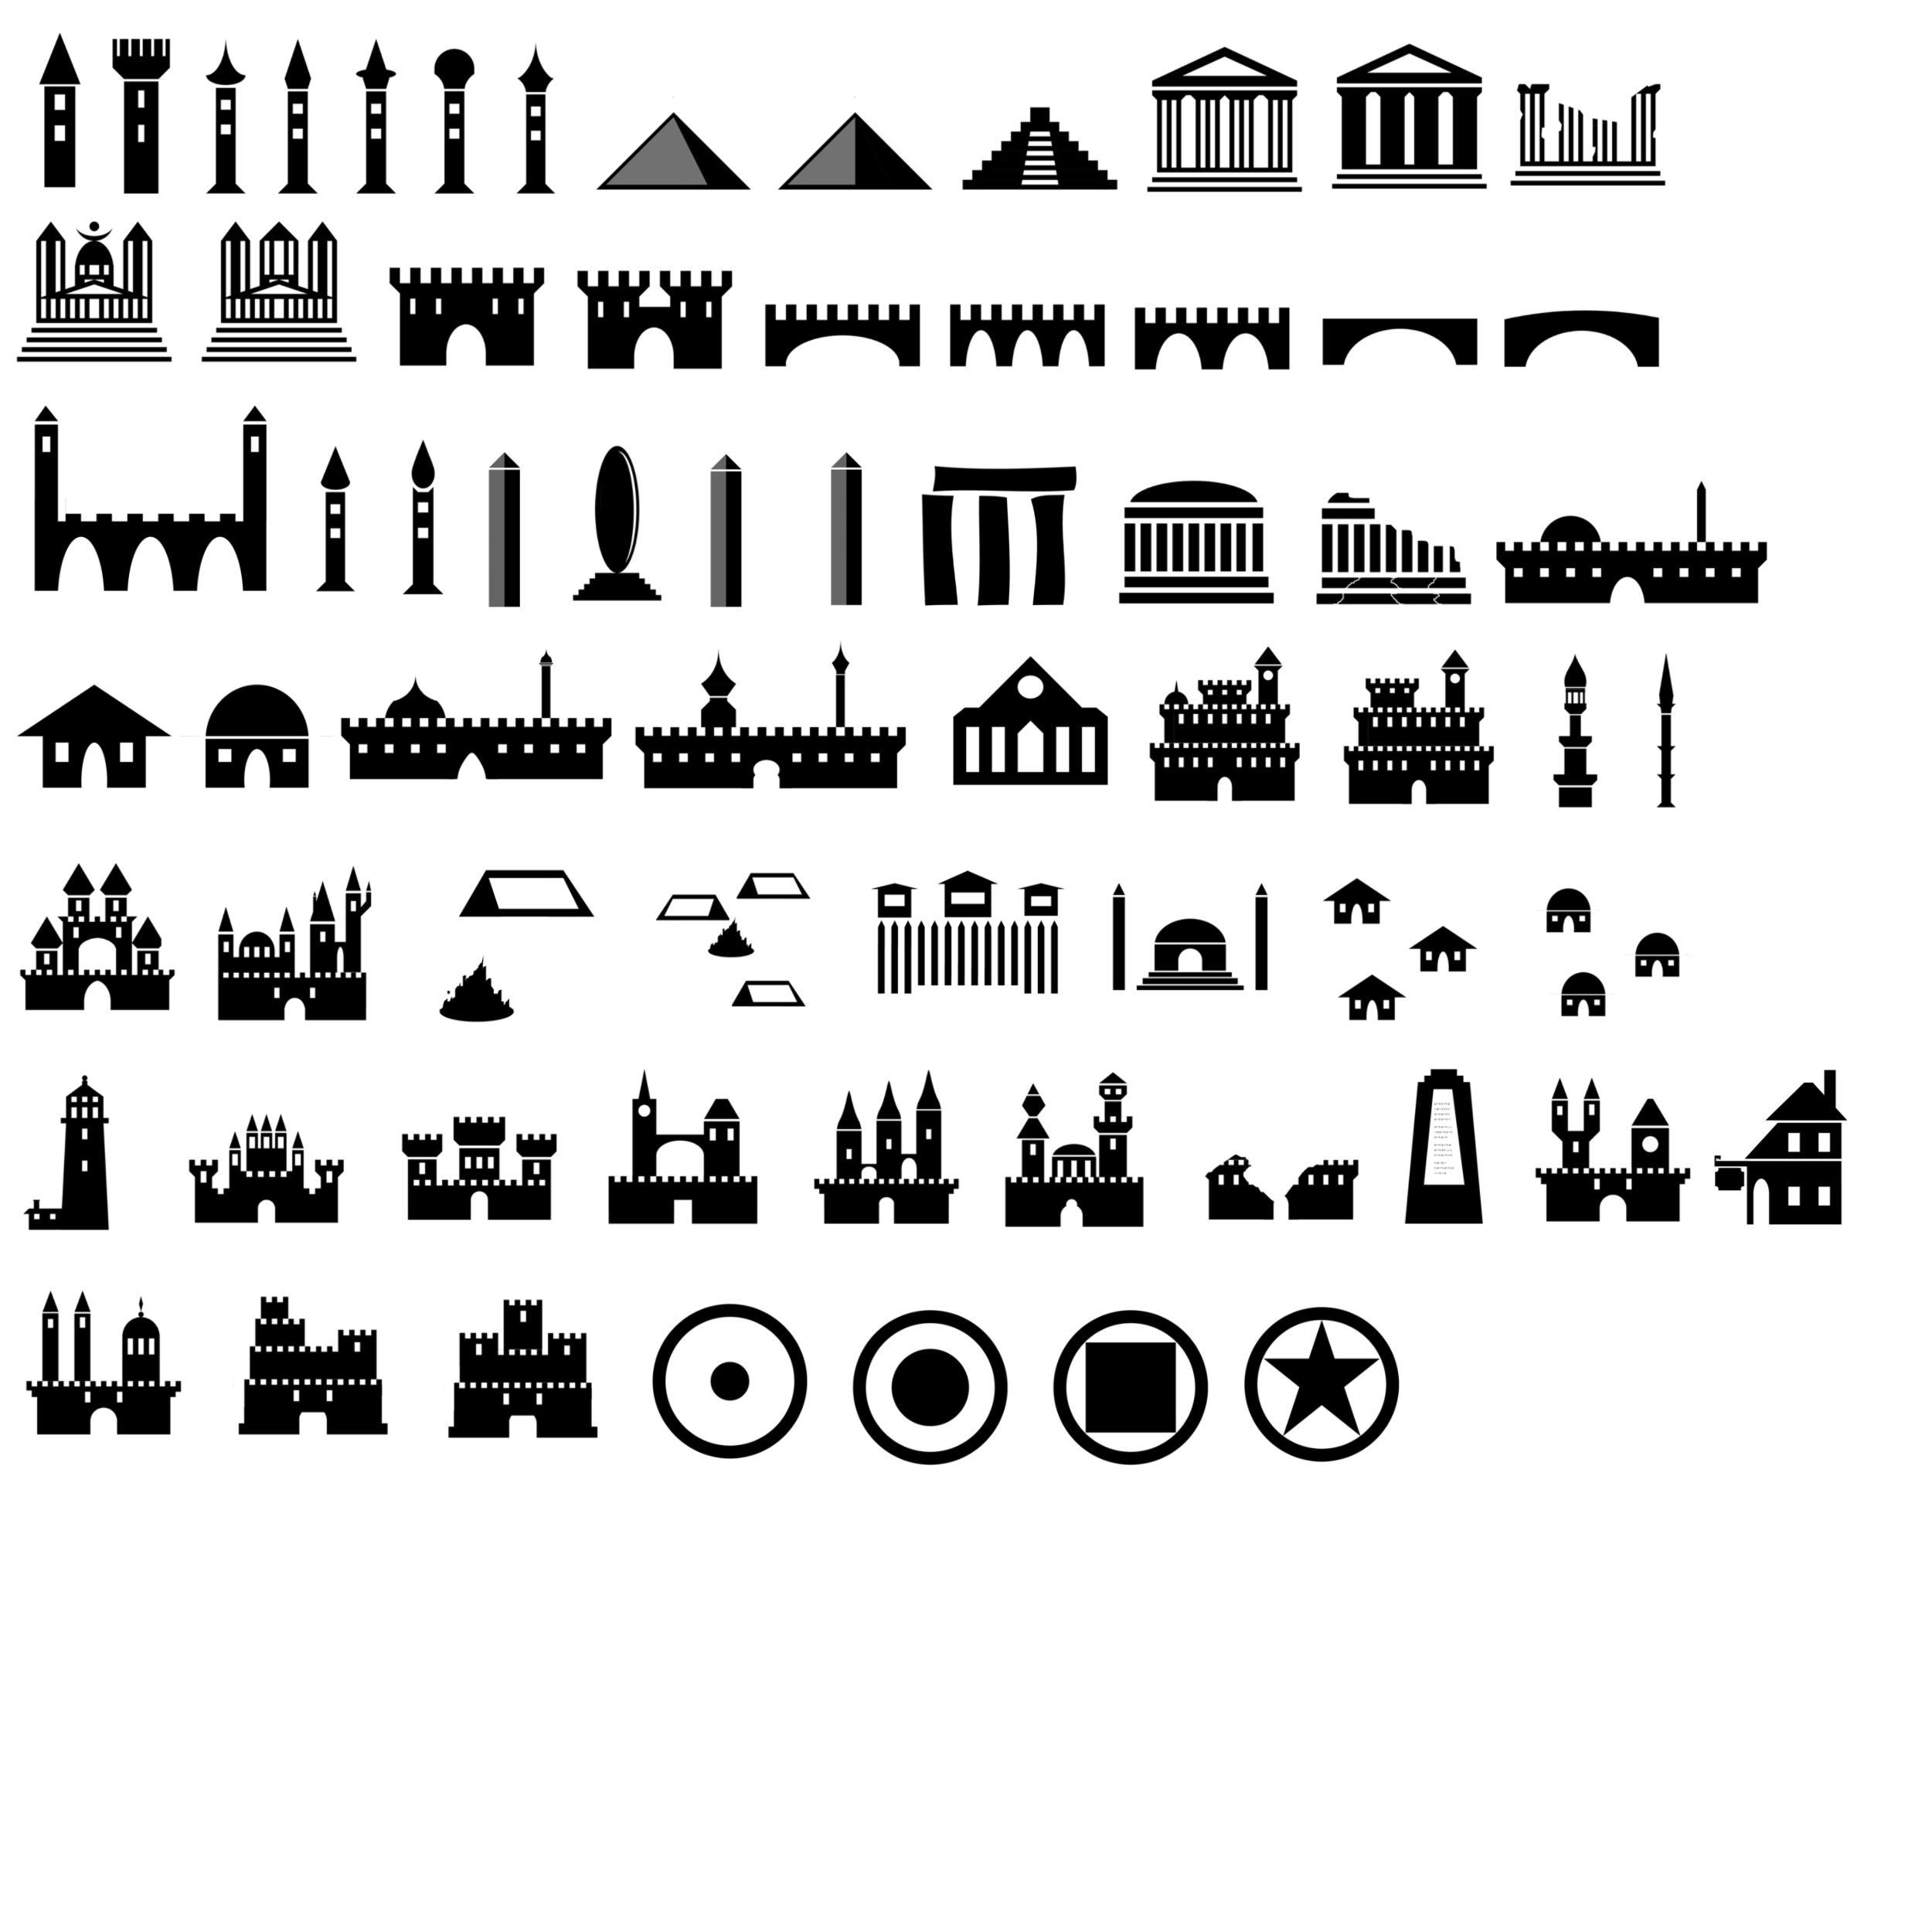 Map symbols photoshop brushes castles etc by jatna on deviantart map symbols photoshop brushes castles etc by jatna buycottarizona